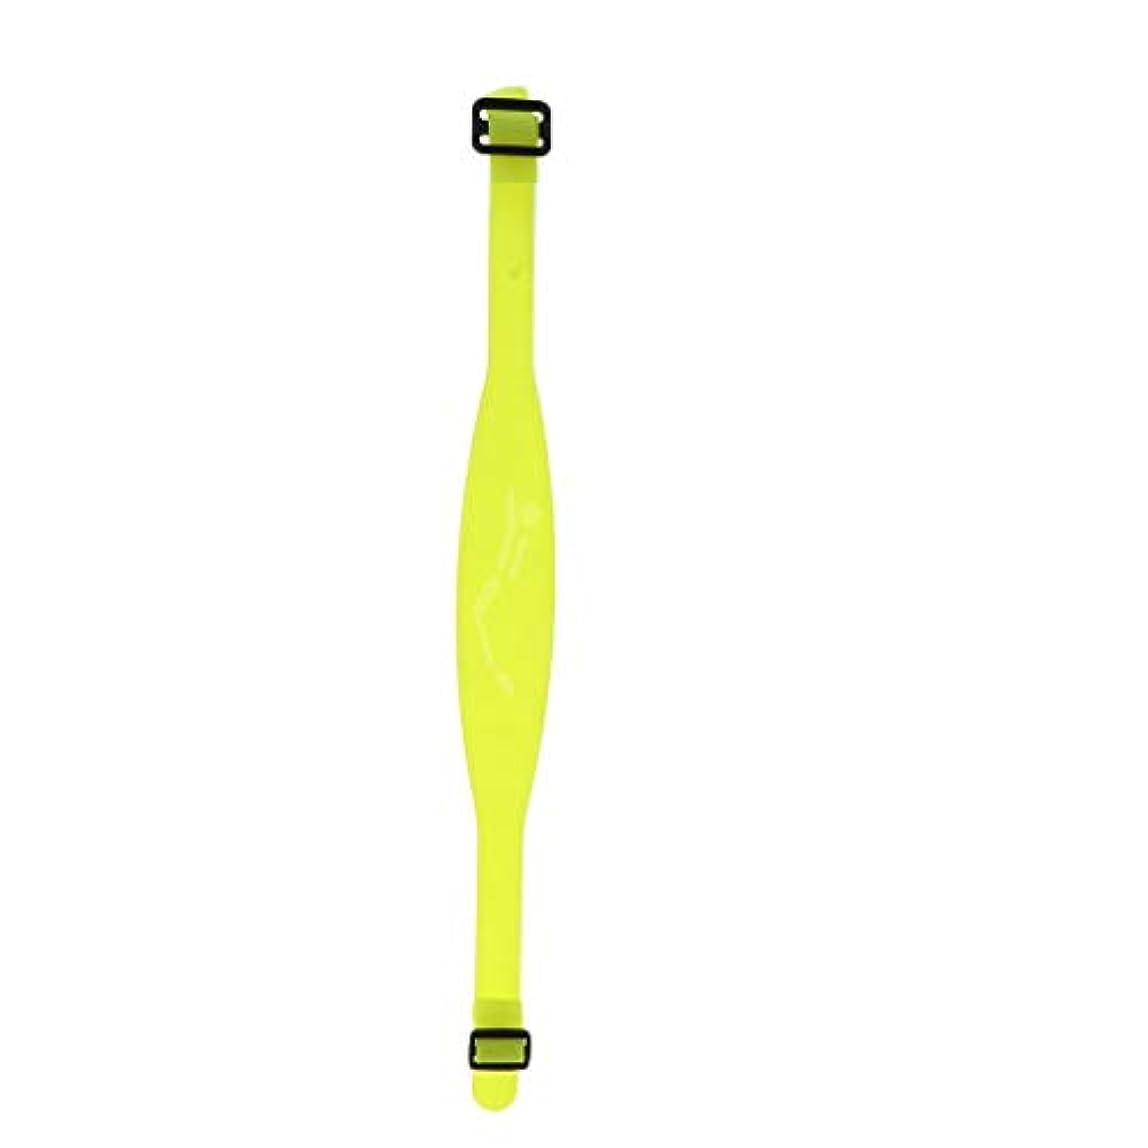 避ける慢性的熟読DYNWAVE ヘッドライト ストラップ 調節可能 防水 イエロー